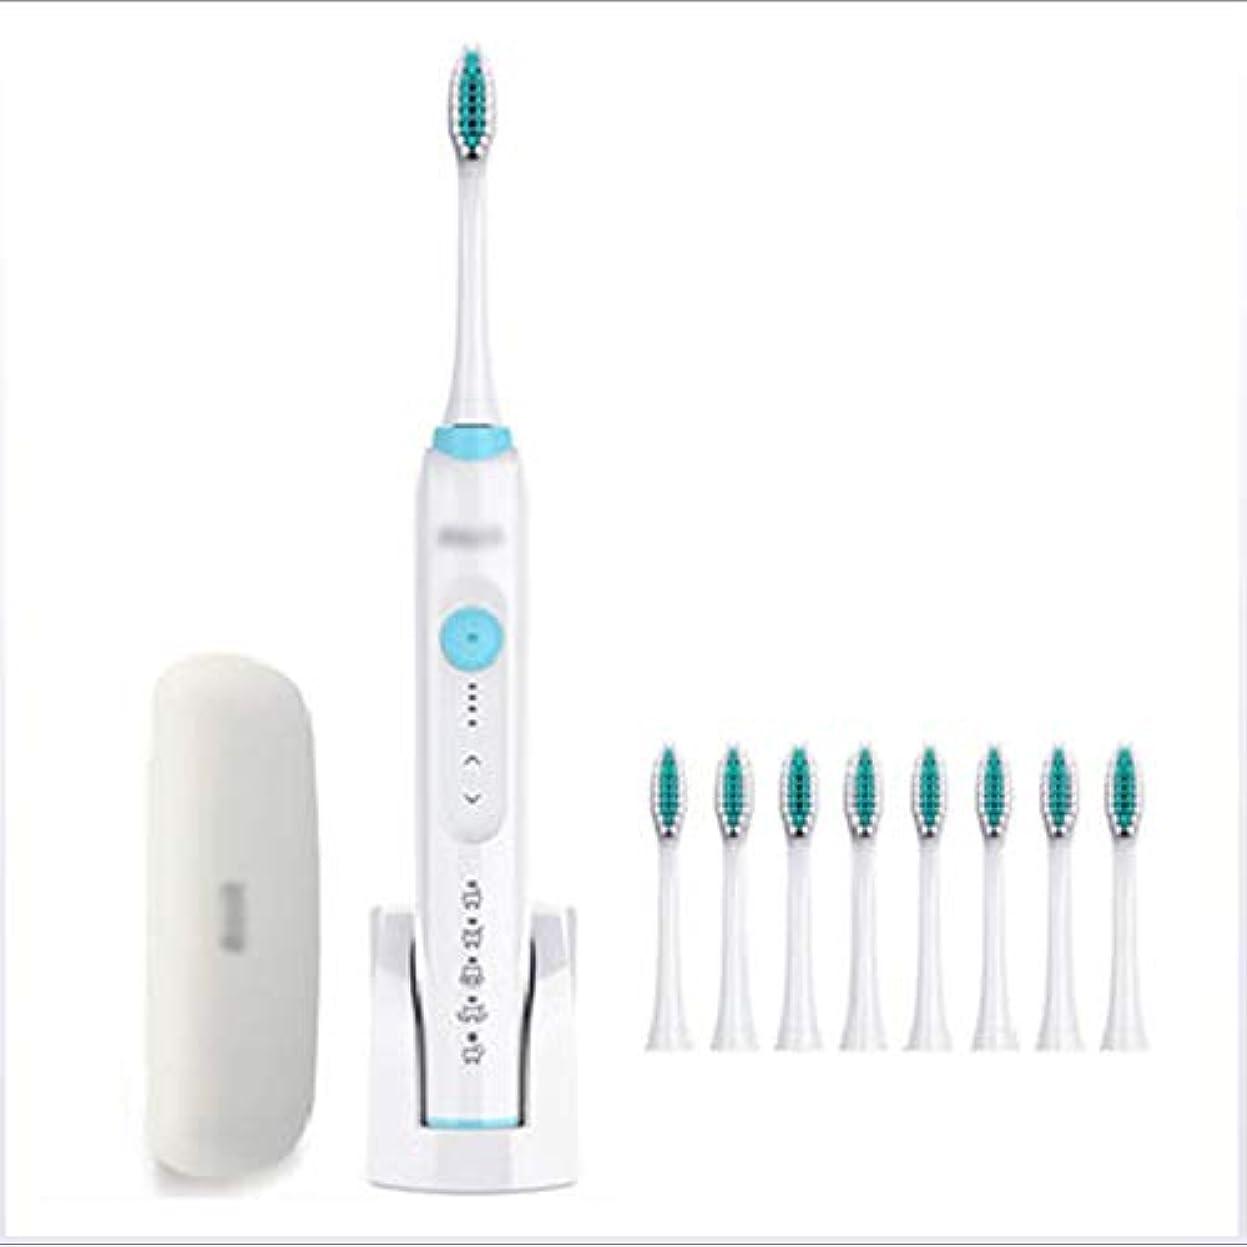 ジャベスウィルソン巨大活性化する電動歯ブラシ、充電式自動ソフトヘア防水男性と女性のスマート,Blue